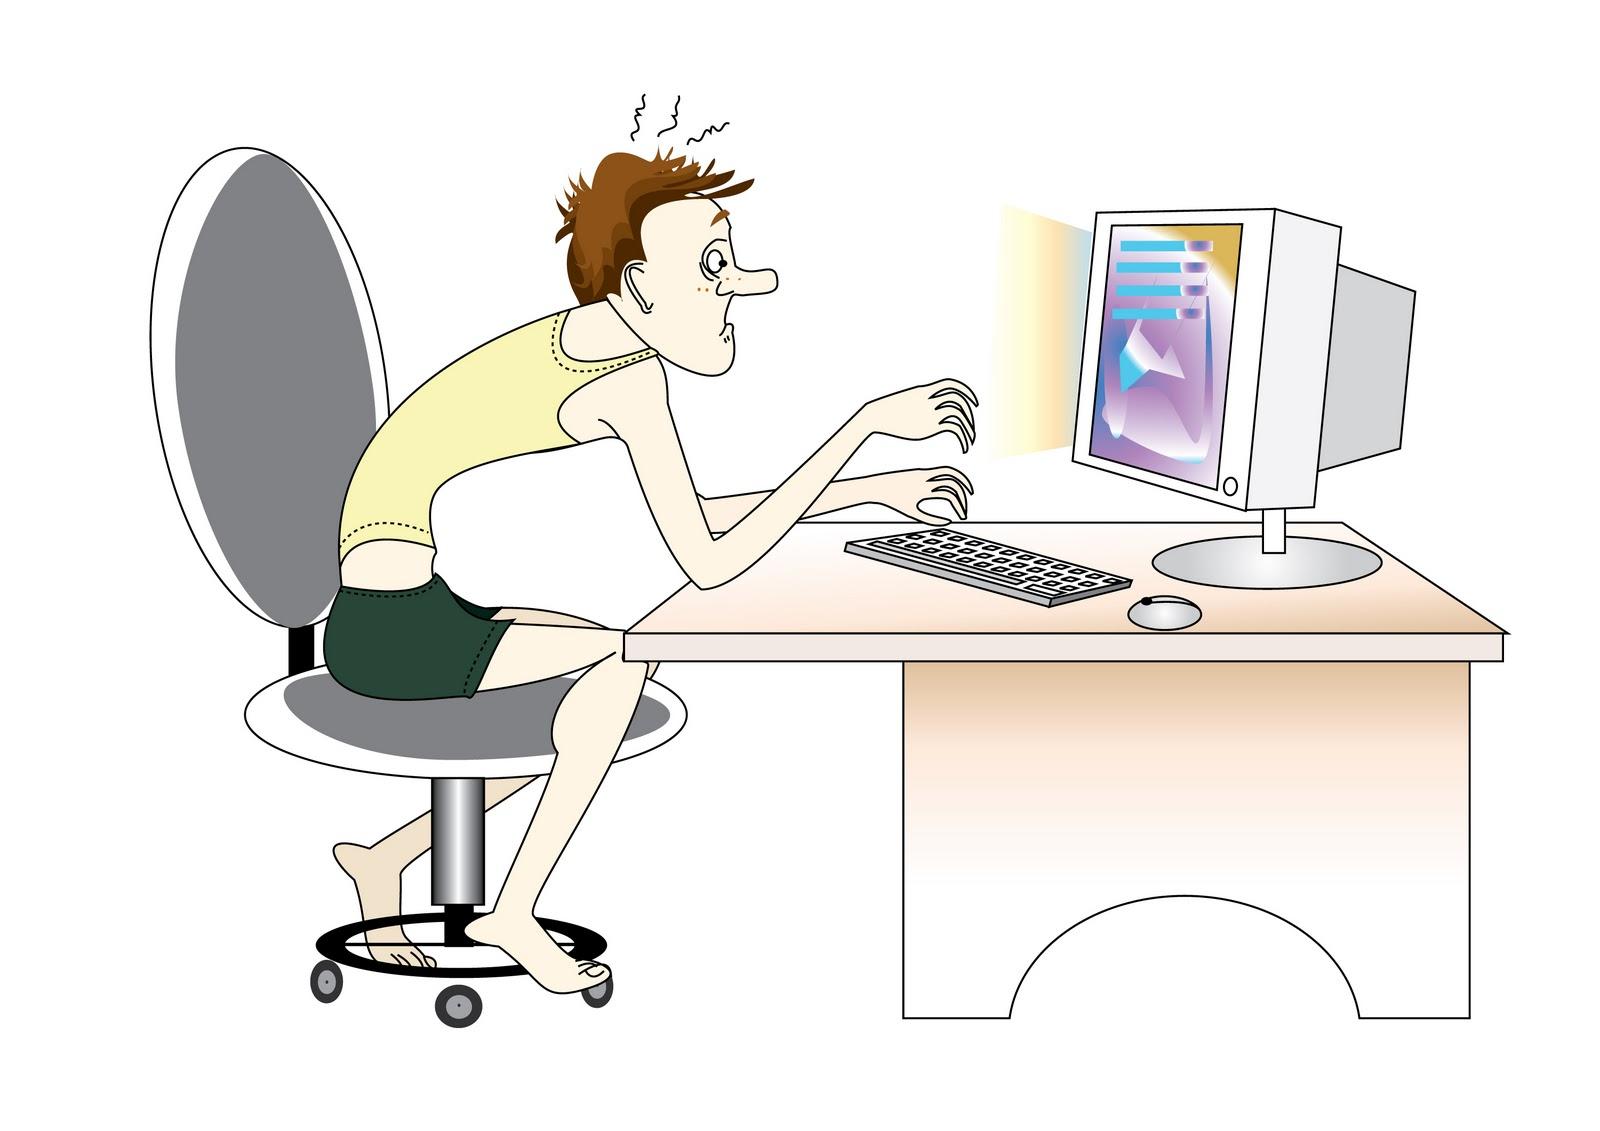 сидение за компьютером картинки включает только бластеры